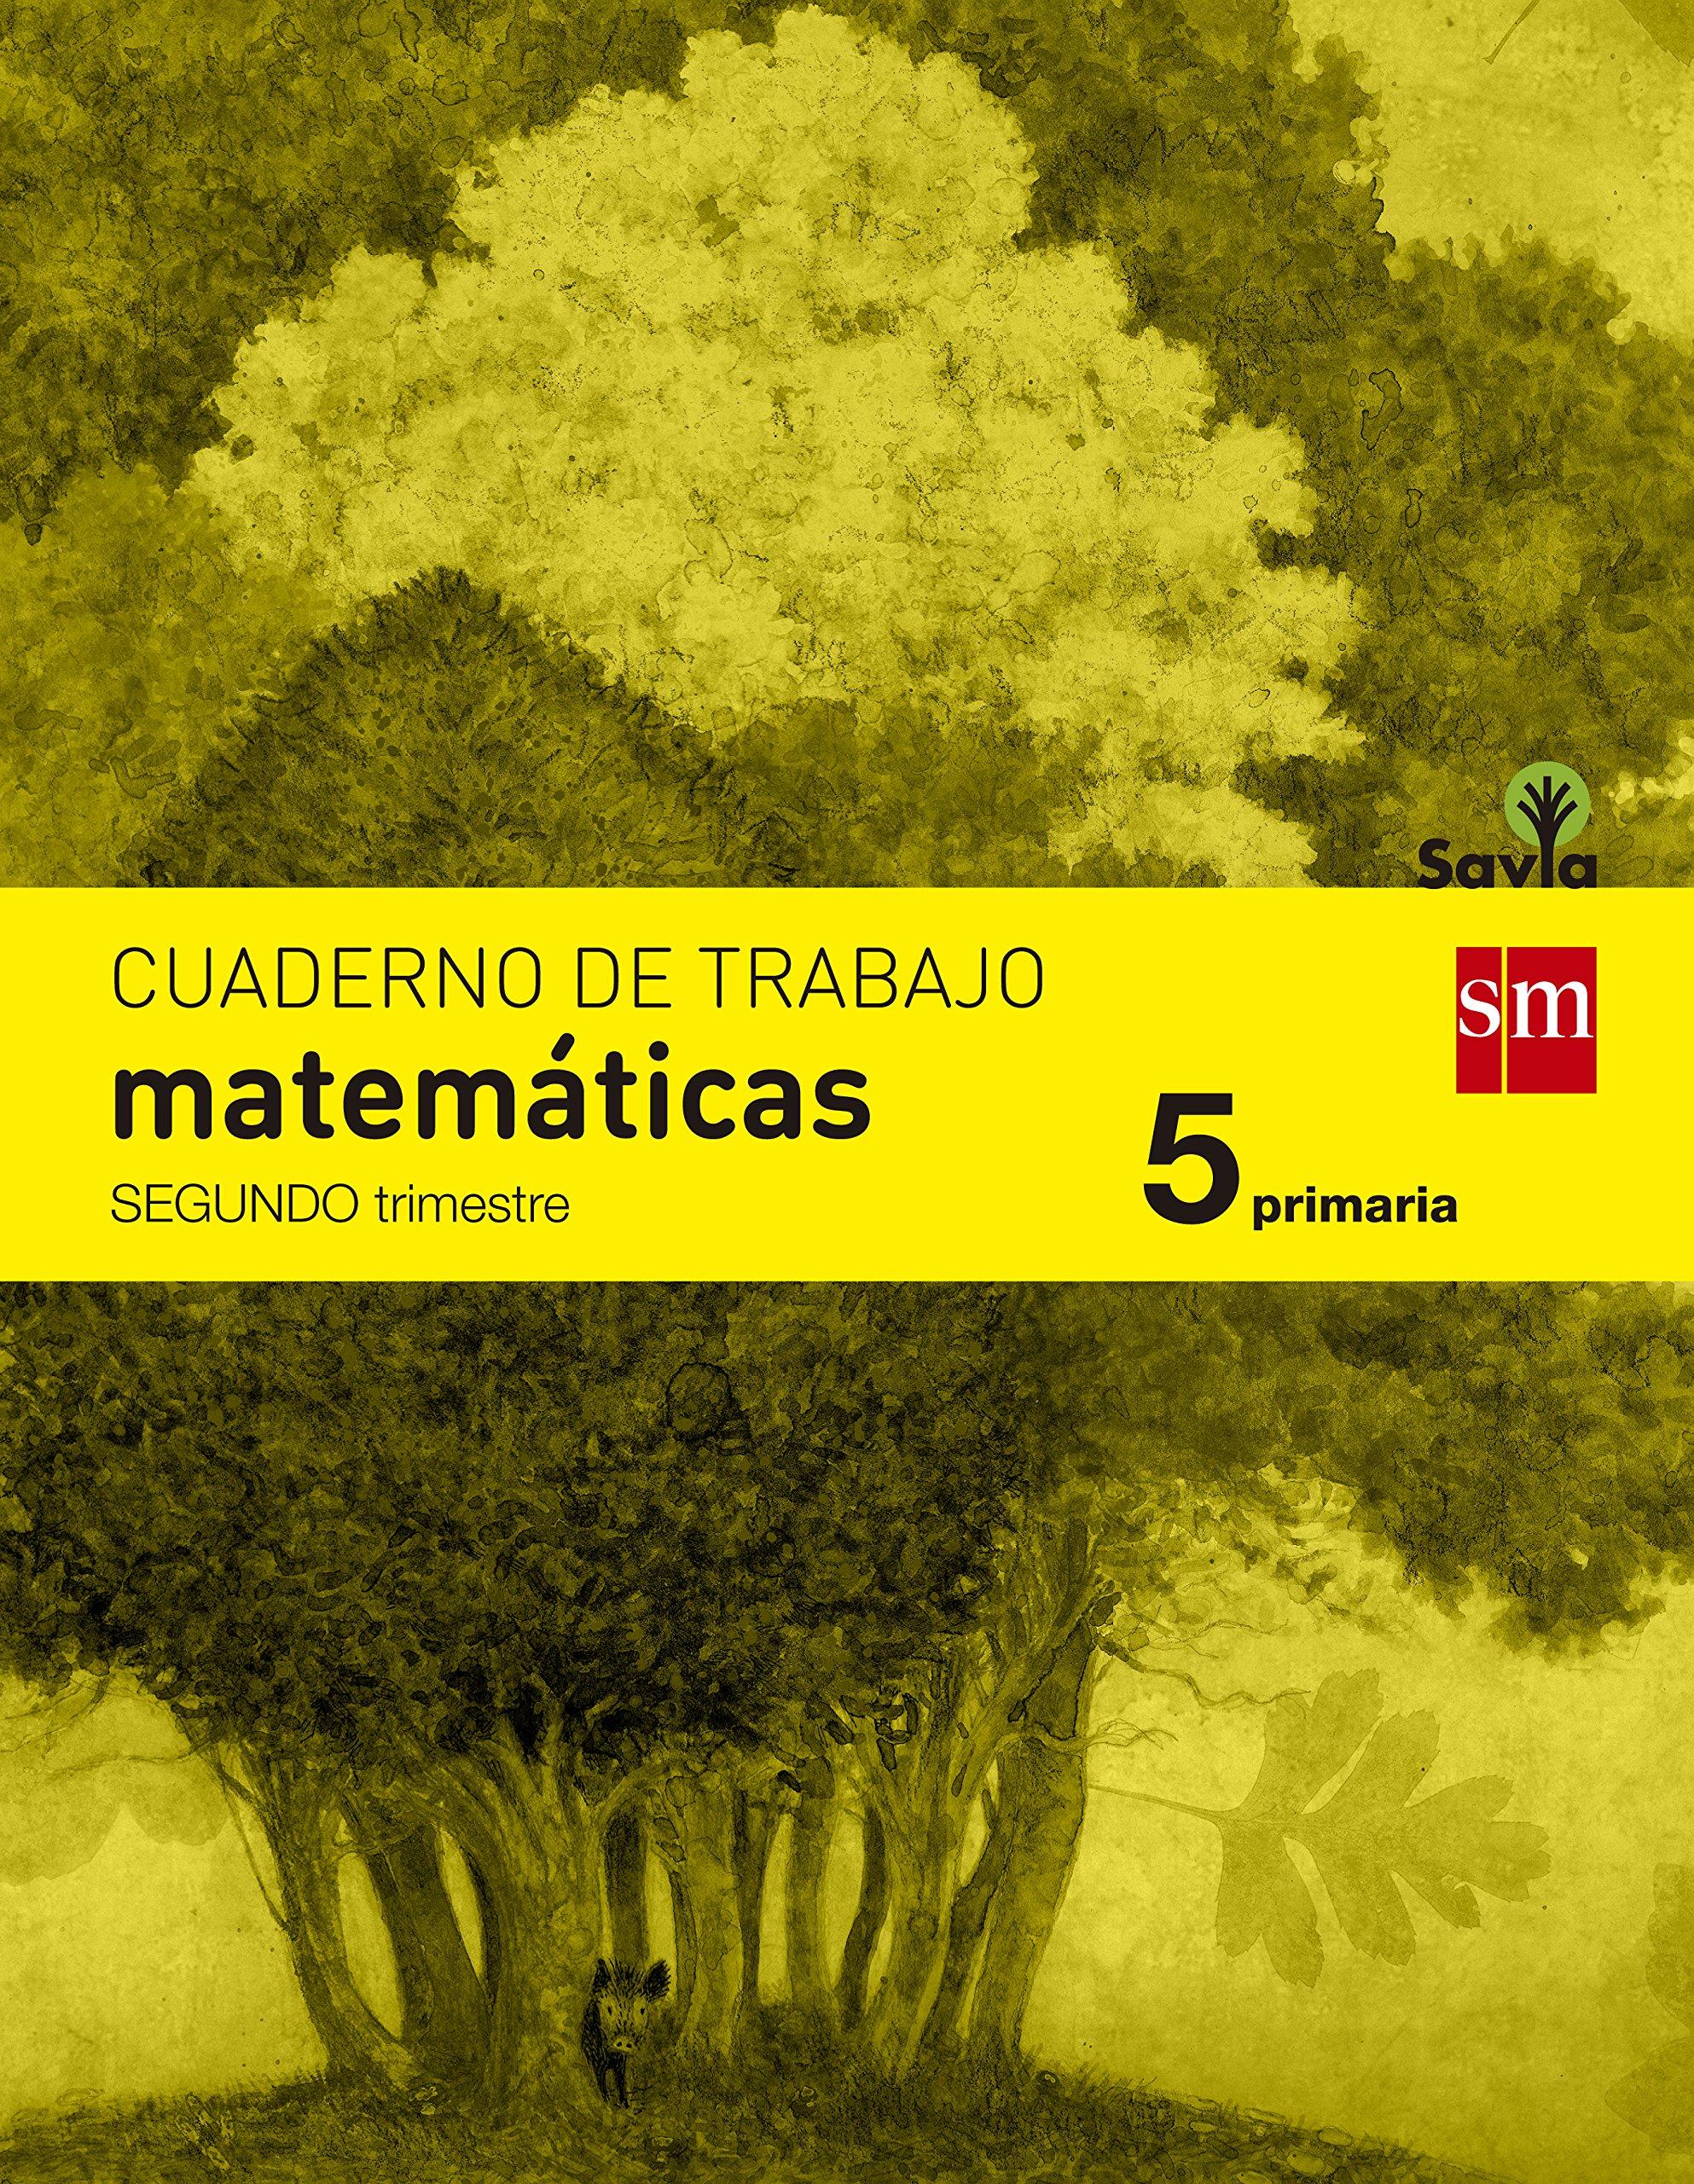 Cuaderno de matemáticas. 5 Primaria, 2 Trimestre. Savia - 9788467570151 Tapa blanda – 5 may 2014 Mª José Martínez Pérez Òscar Julve Gil Grupo SM Educación 8467570156